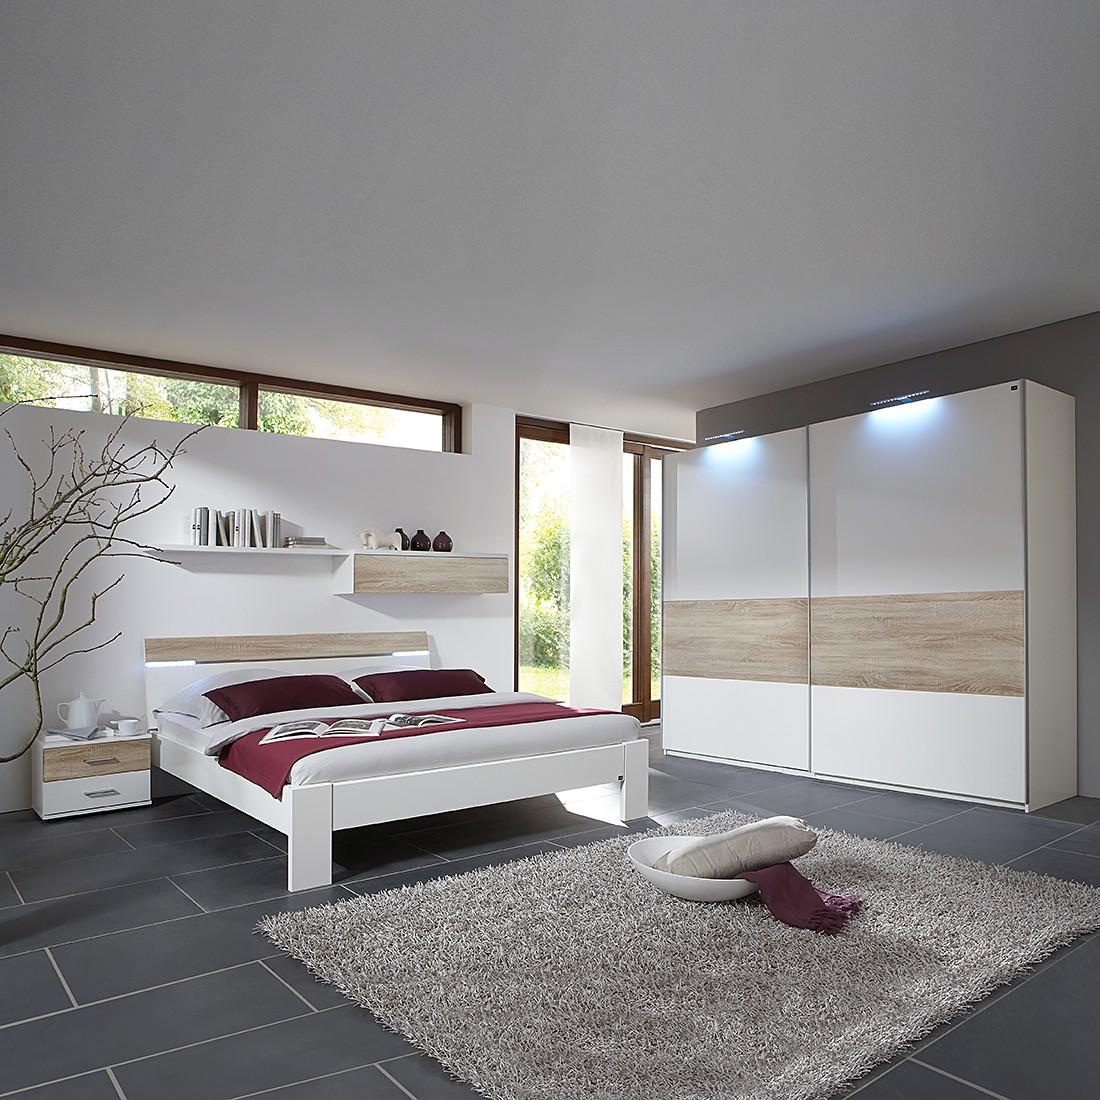 Schlafzimmerset Happyhour (4-teilig) - Alpinweiß/Eiche-sägerau